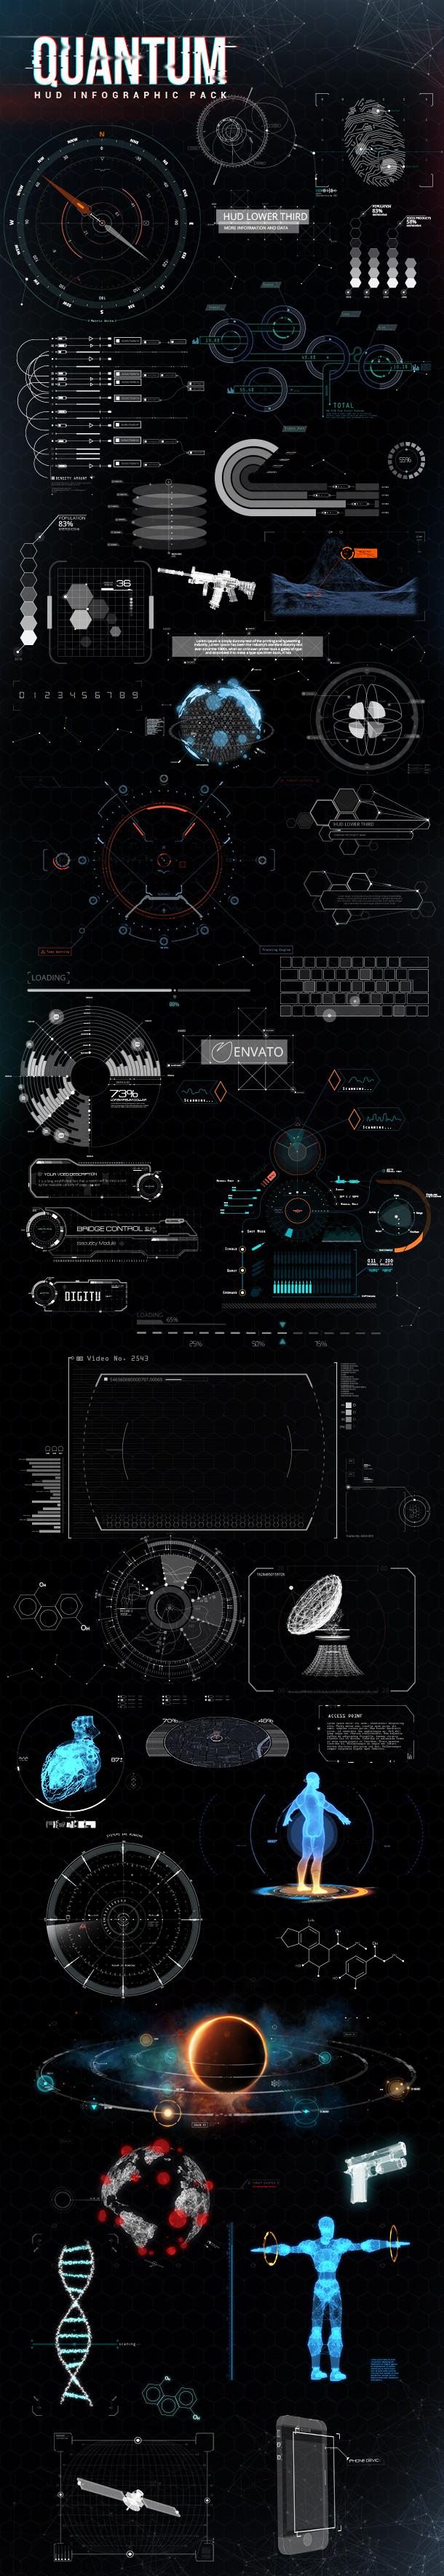 Quantum HUD Infographic2